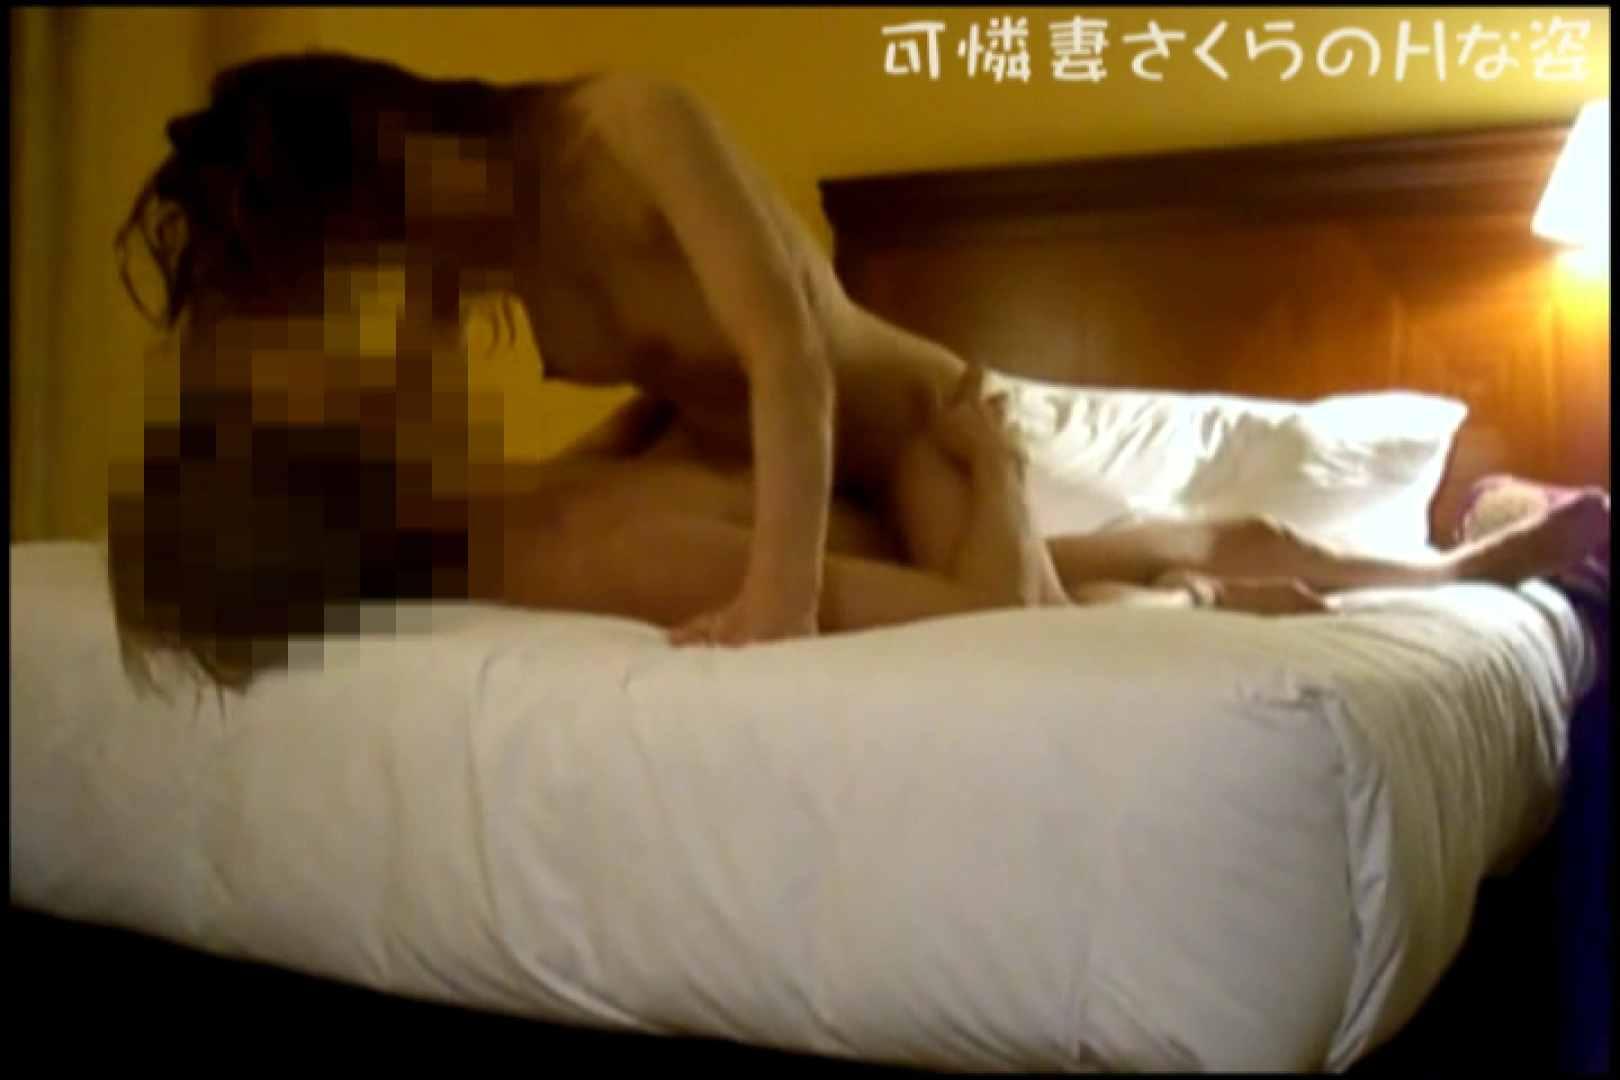 可憐妻さくらのHな姿vol.7 熟女の裸体 | OL裸体  99画像 84